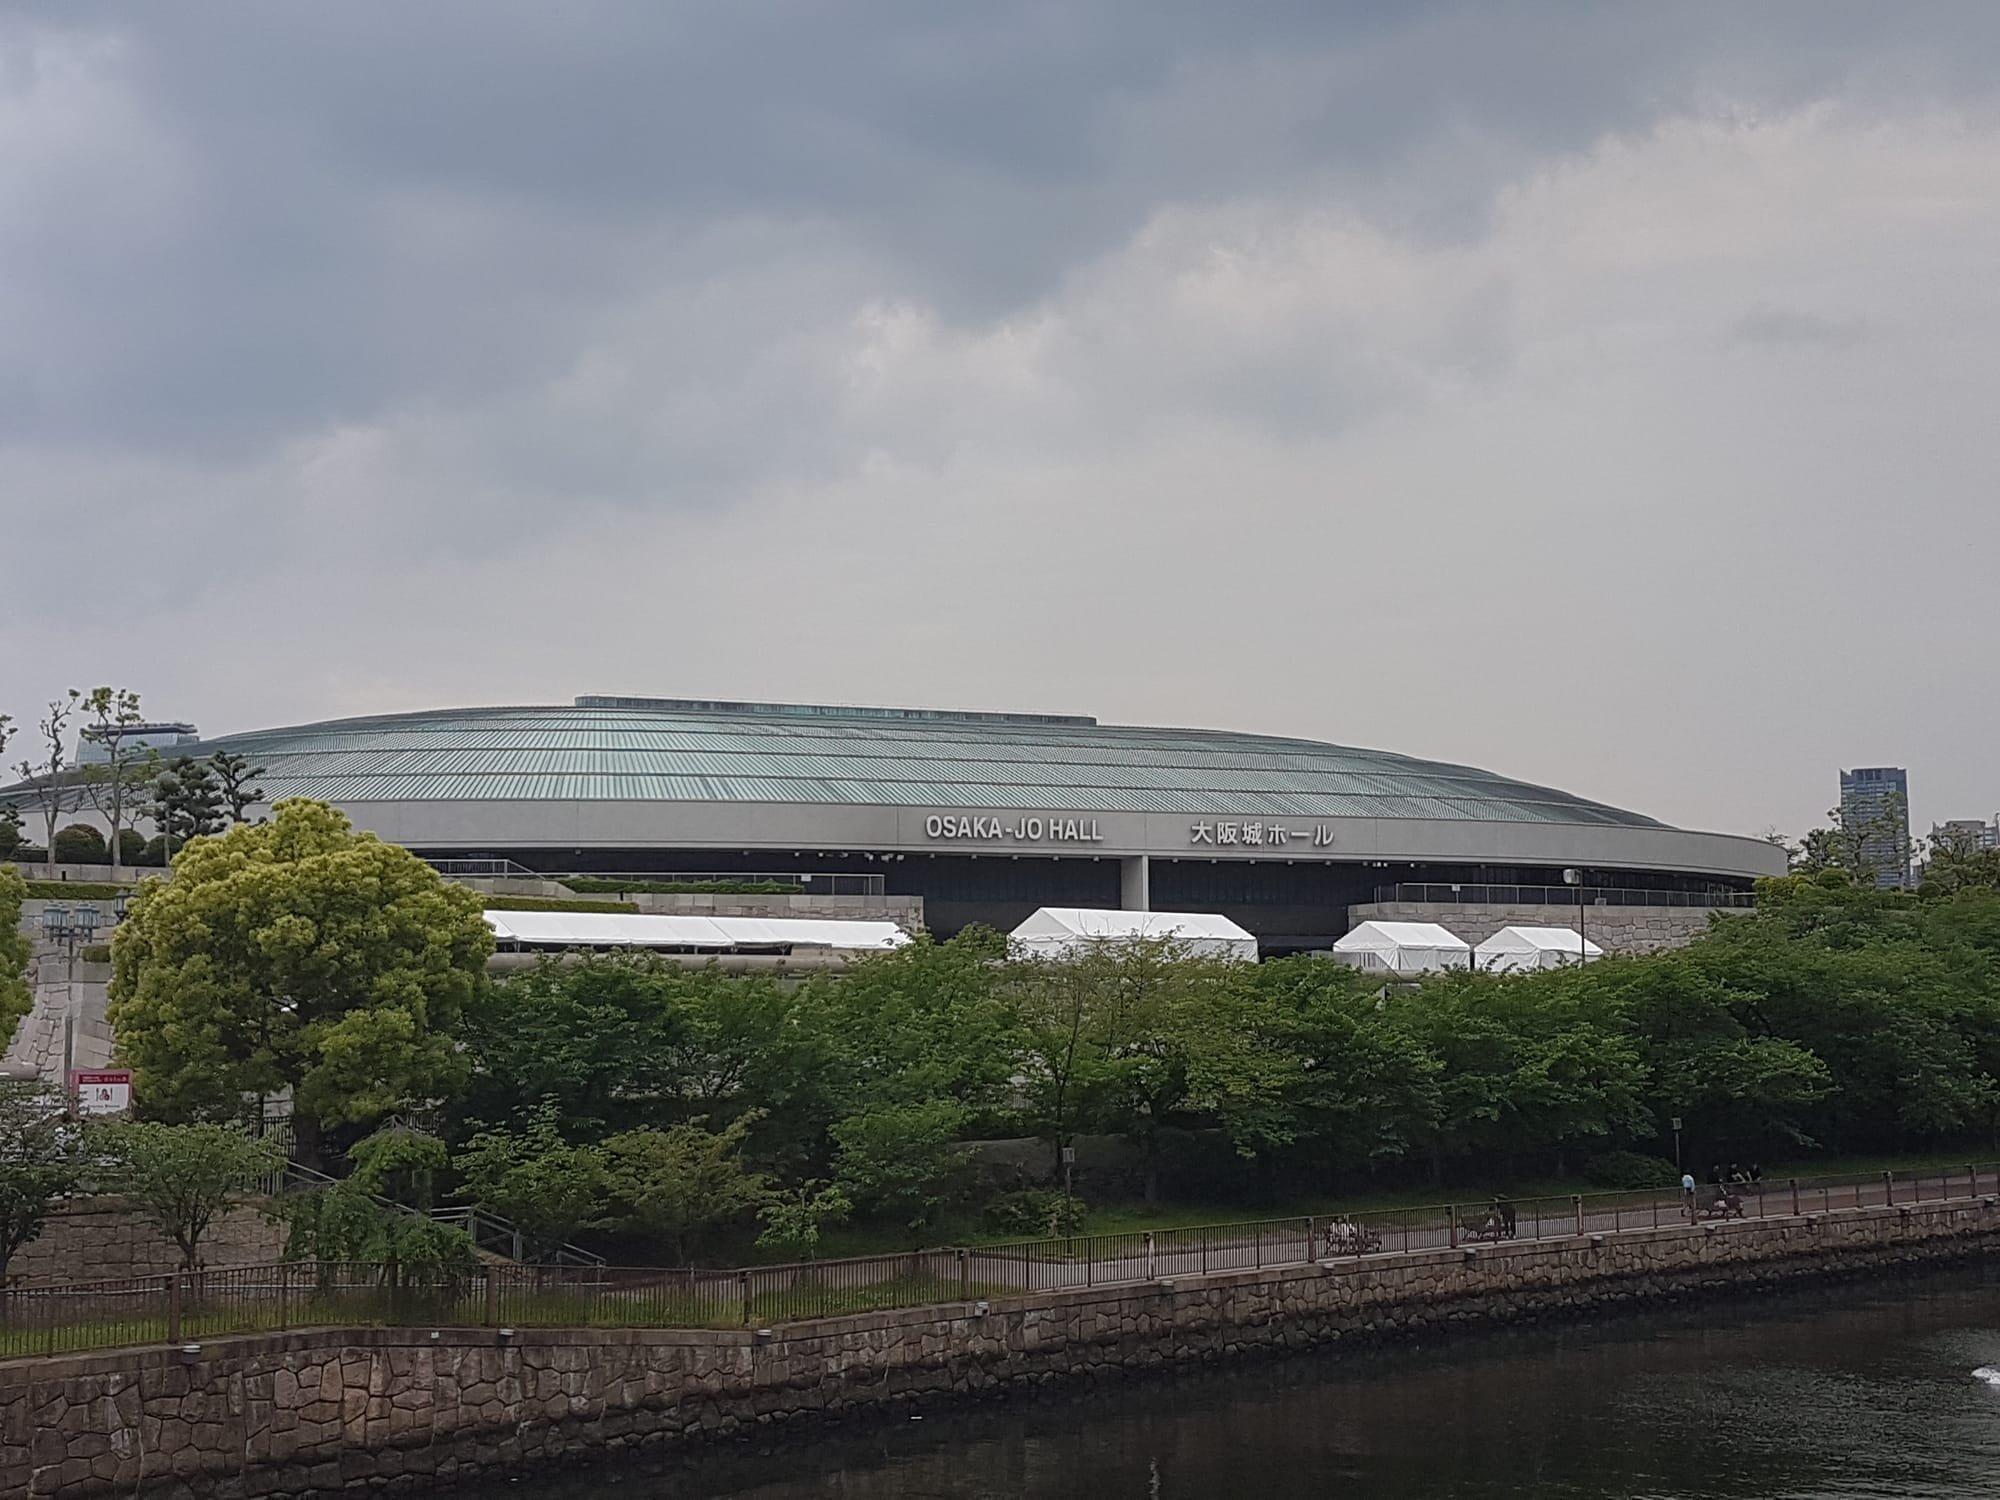 Osaka-Jo Hall